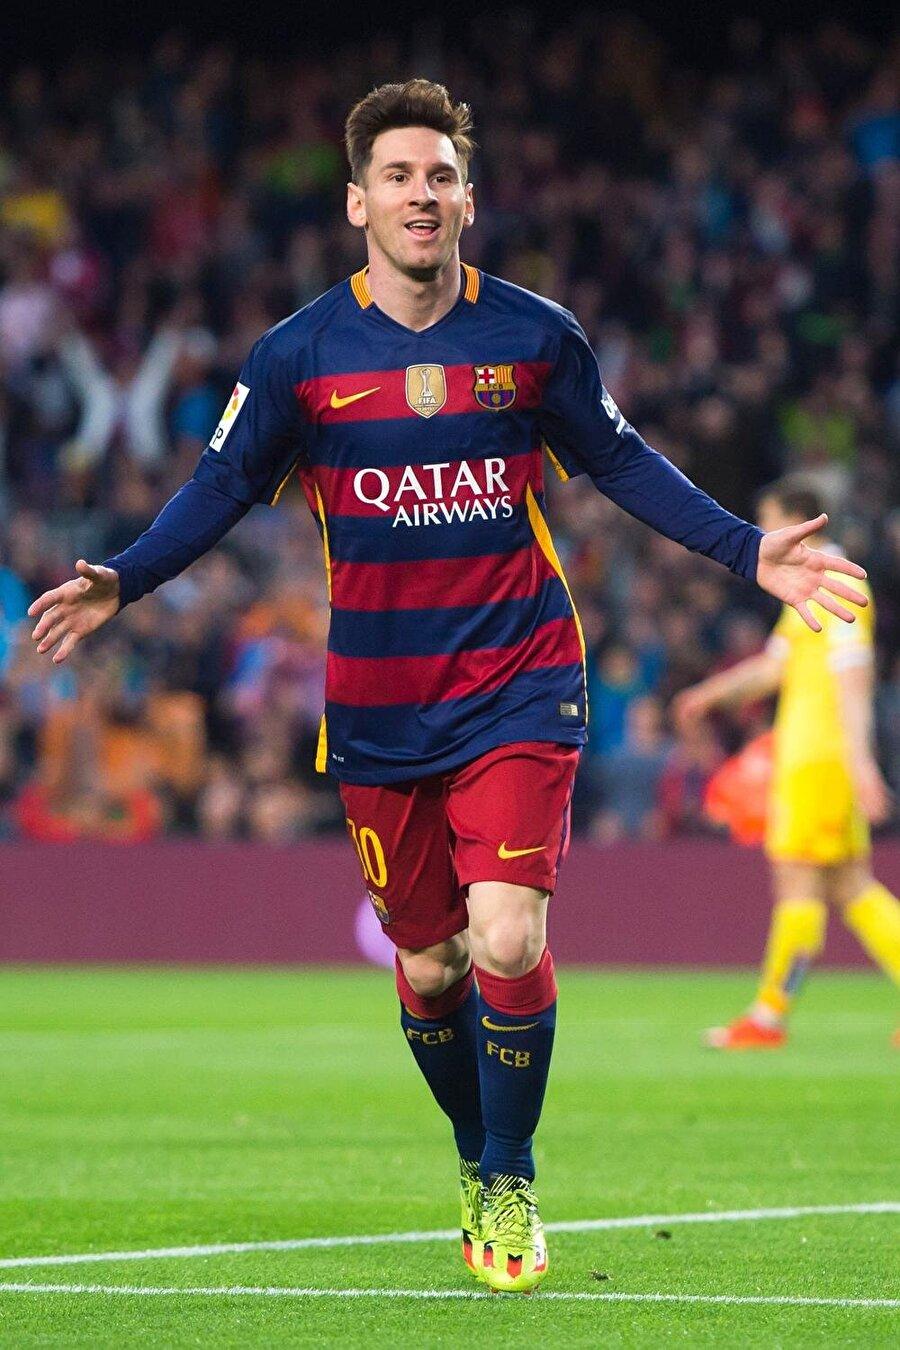 Lionel Messi                                      Arjantinli Lionel Messi, Barcelona tarihinin gelmiş geçmiş en iyi futbolcusu olarak gösteriliyor. 24 Haziran 1987'de dünyaya gelen Messi, 5 yaşındayken babasının çalıştırdığı takımda futbola başladı. 11 yaşındayken büyüme hormonu eksikliği teşhisi konan Messi, ailesiyle birlikte İspanya'ya göç etti. Tedavi süresince Barcelona alt yapısında forma giyen Messi, 2004 yılında A Takıma çıktı. Barcelona formasıyla şimdiye kadar 633 maça çıkan Messi, 547 kez fileleri havalandırdı. Messi, Barcelona ile şimdiye kadar 26 kupa kazandı.